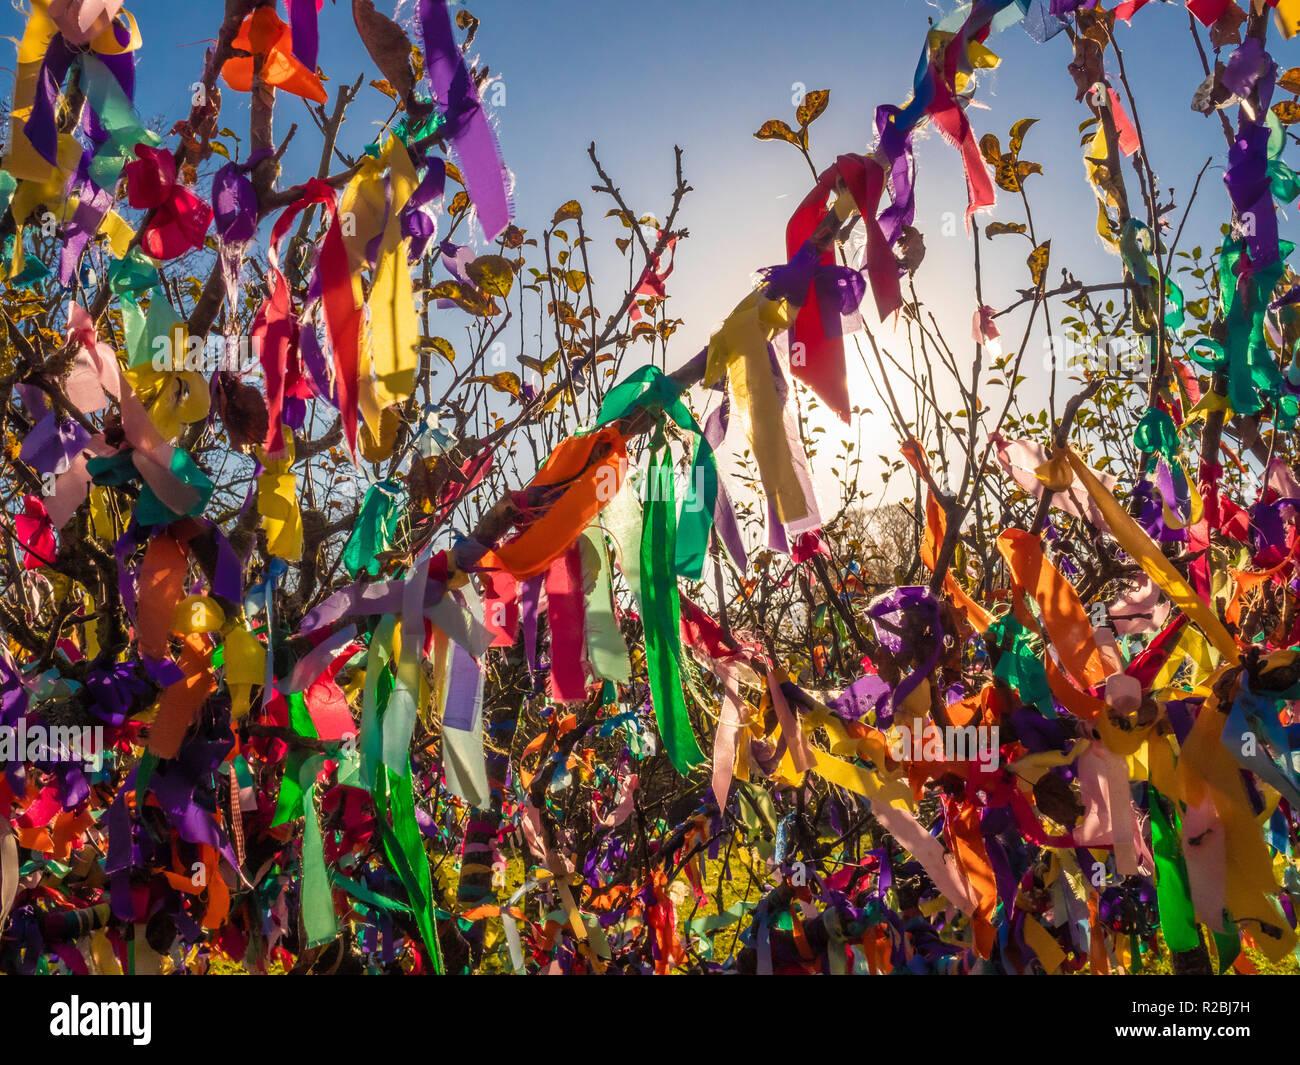 Des rubans de couleur vive à l'extérieur de l'arbre des branches Banque D'Images